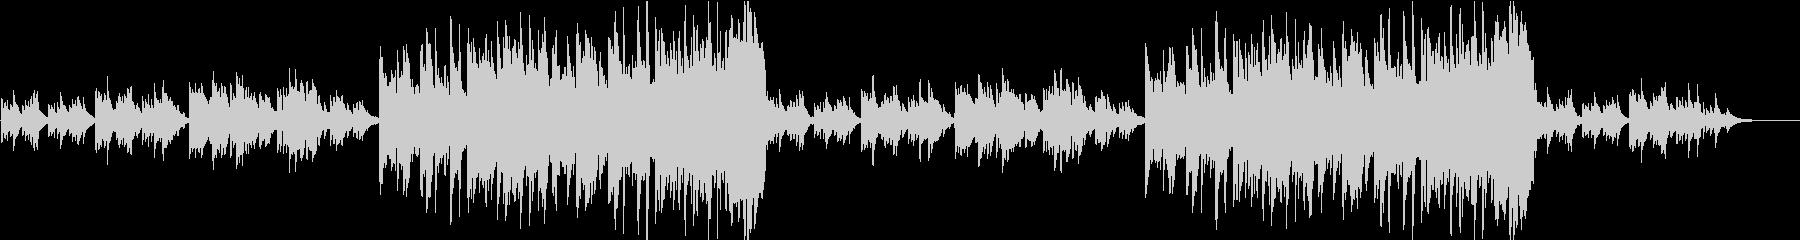 感動的なピアノ曲  ダイナミックverの未再生の波形